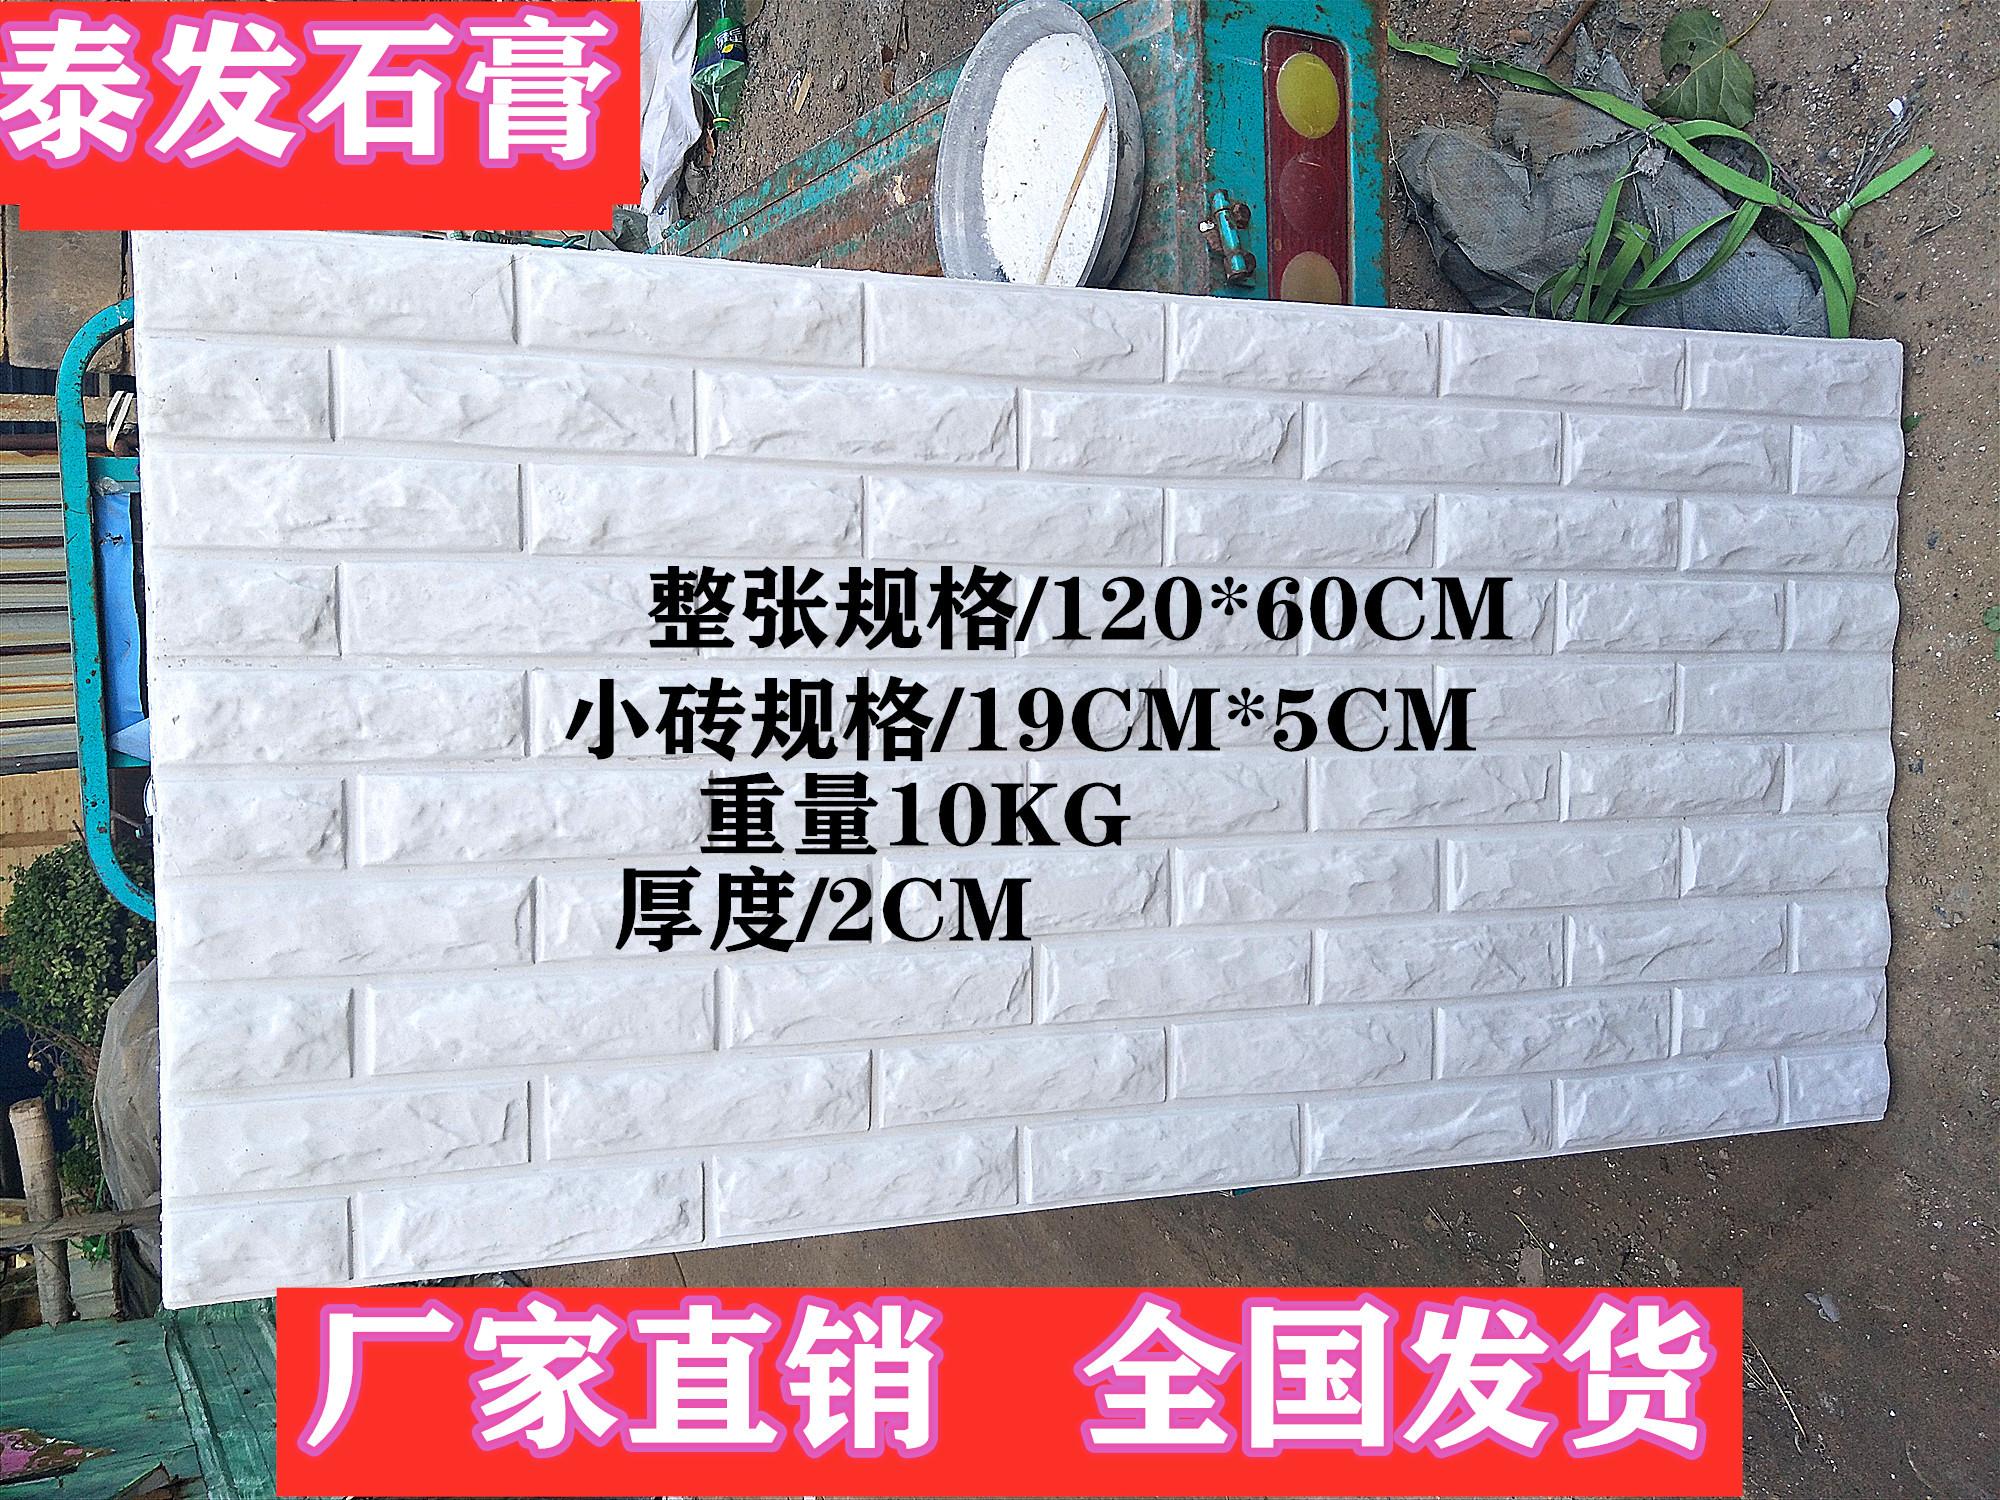 白色石膏文化砖北欧白砖装饰板仿古砖块电视背景墙砖块室内文化石